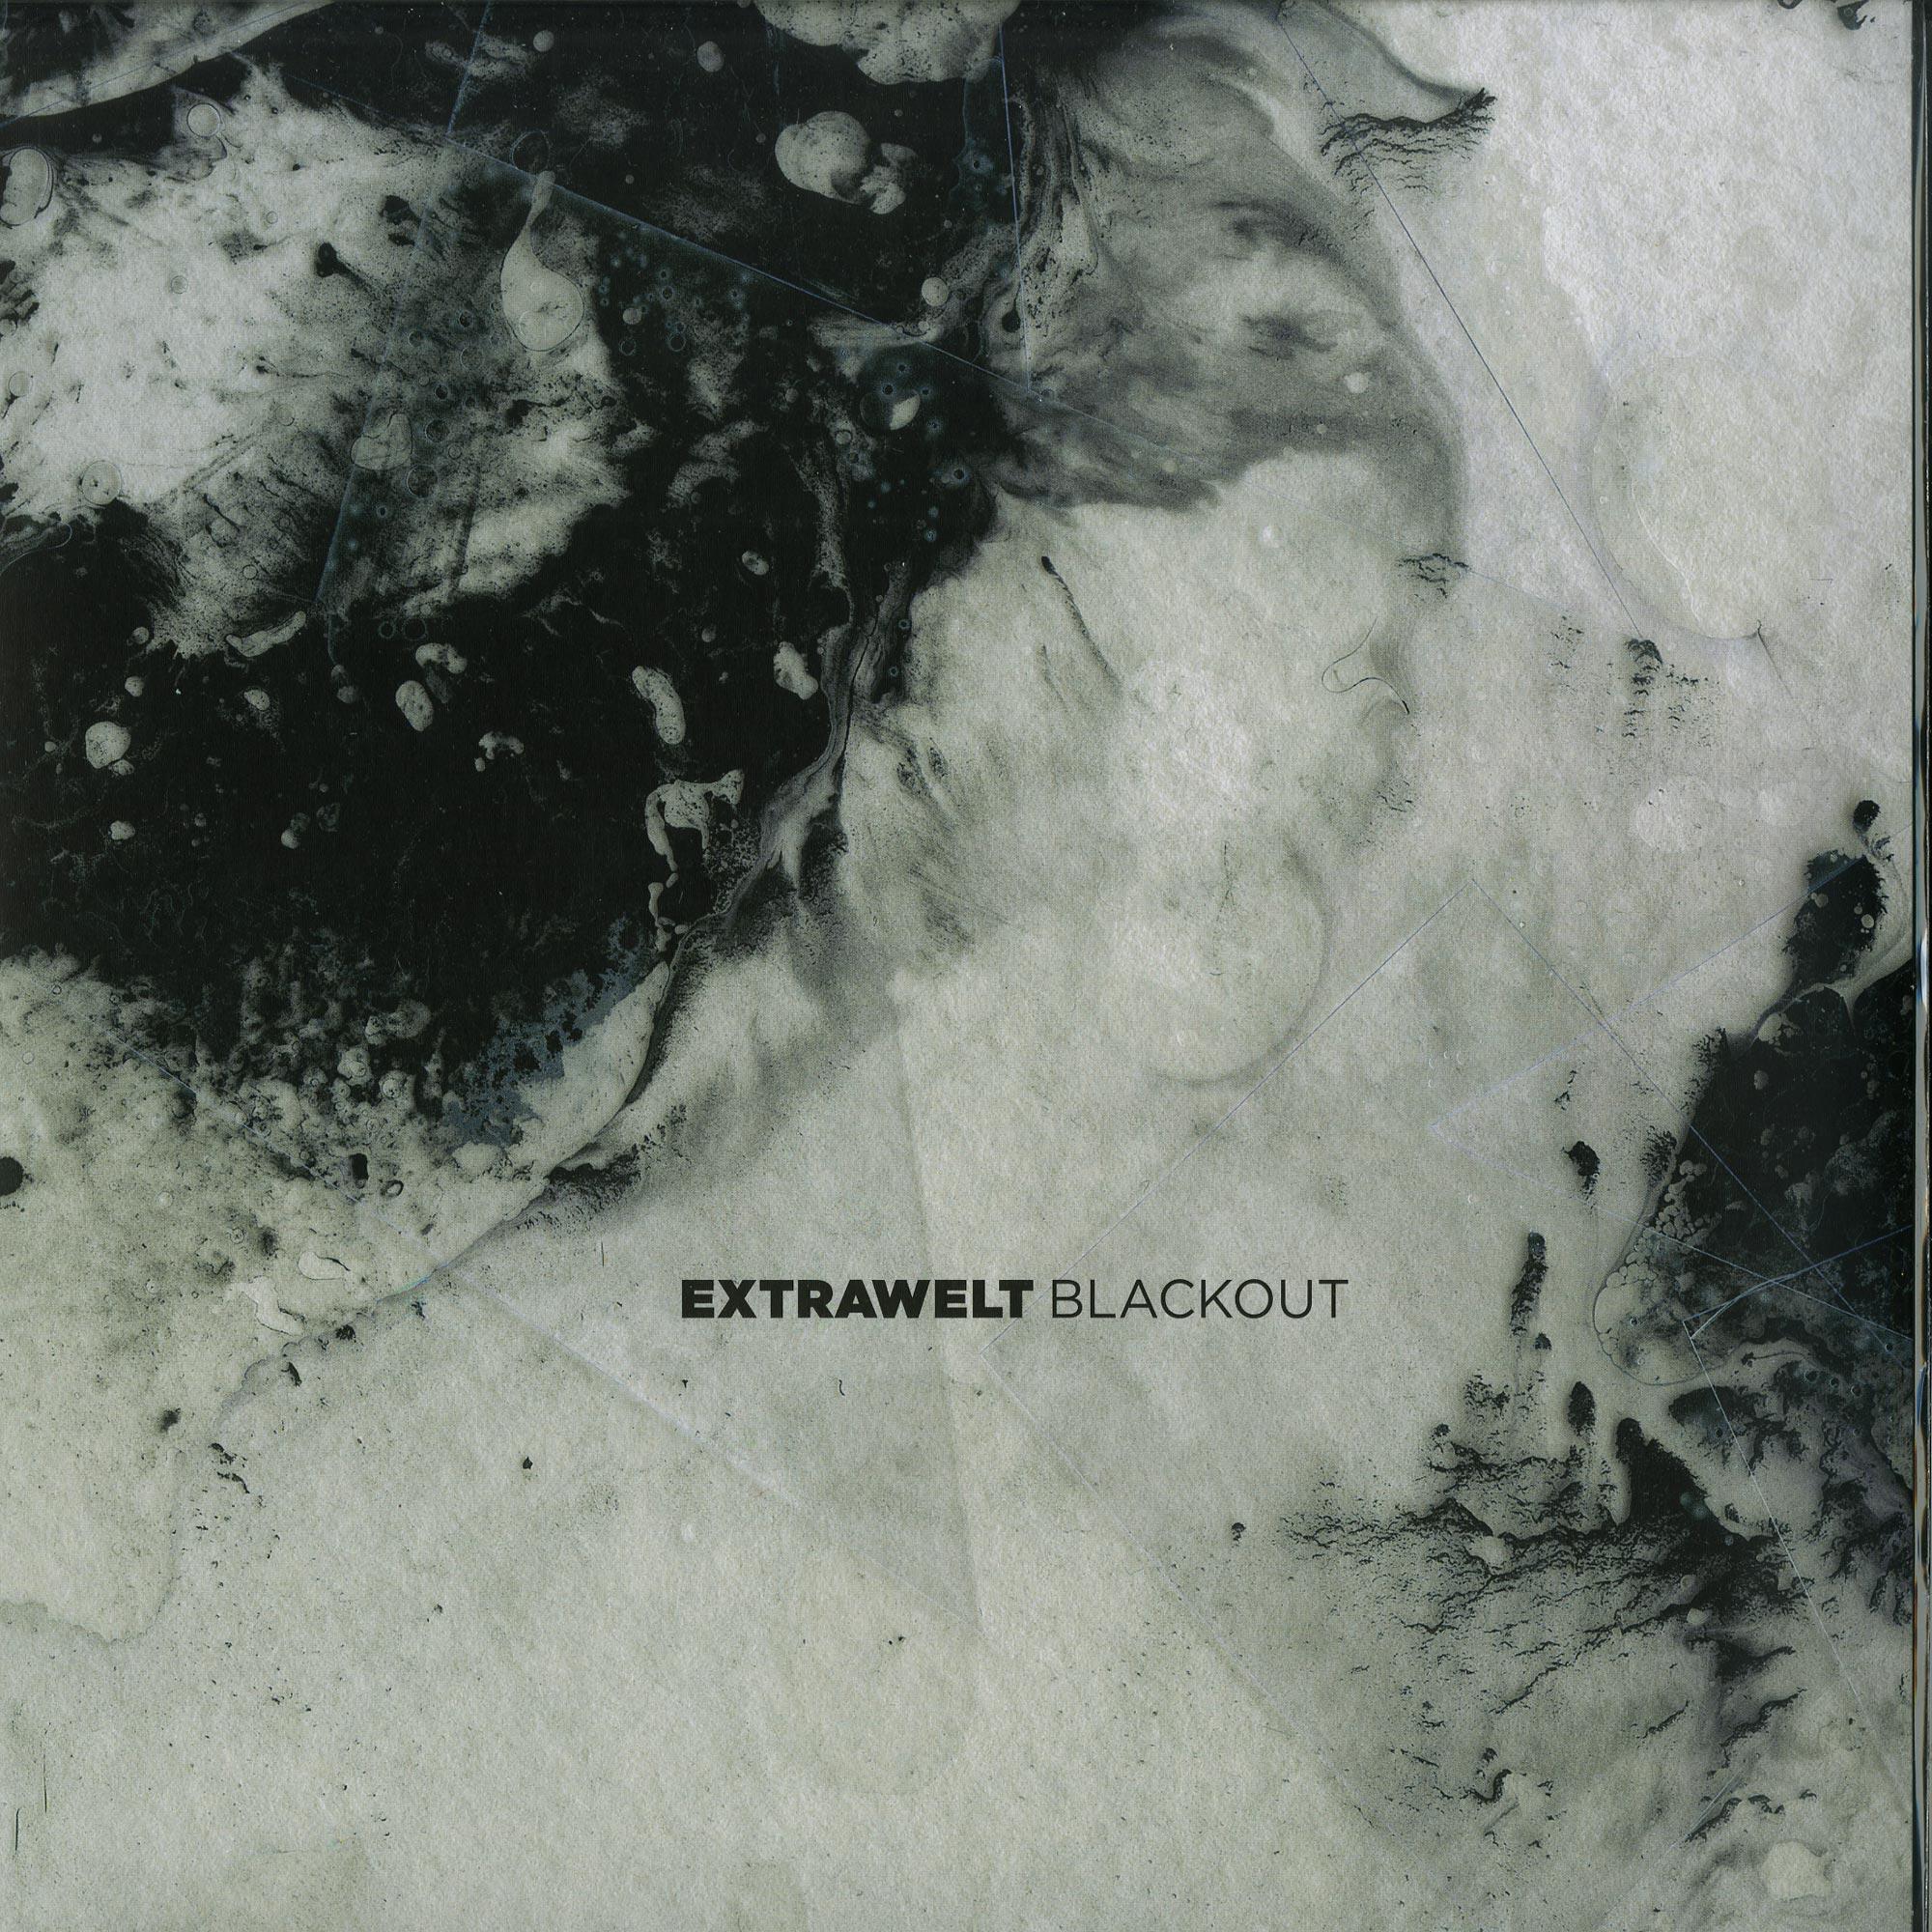 Extrawelt - BLACKOUT